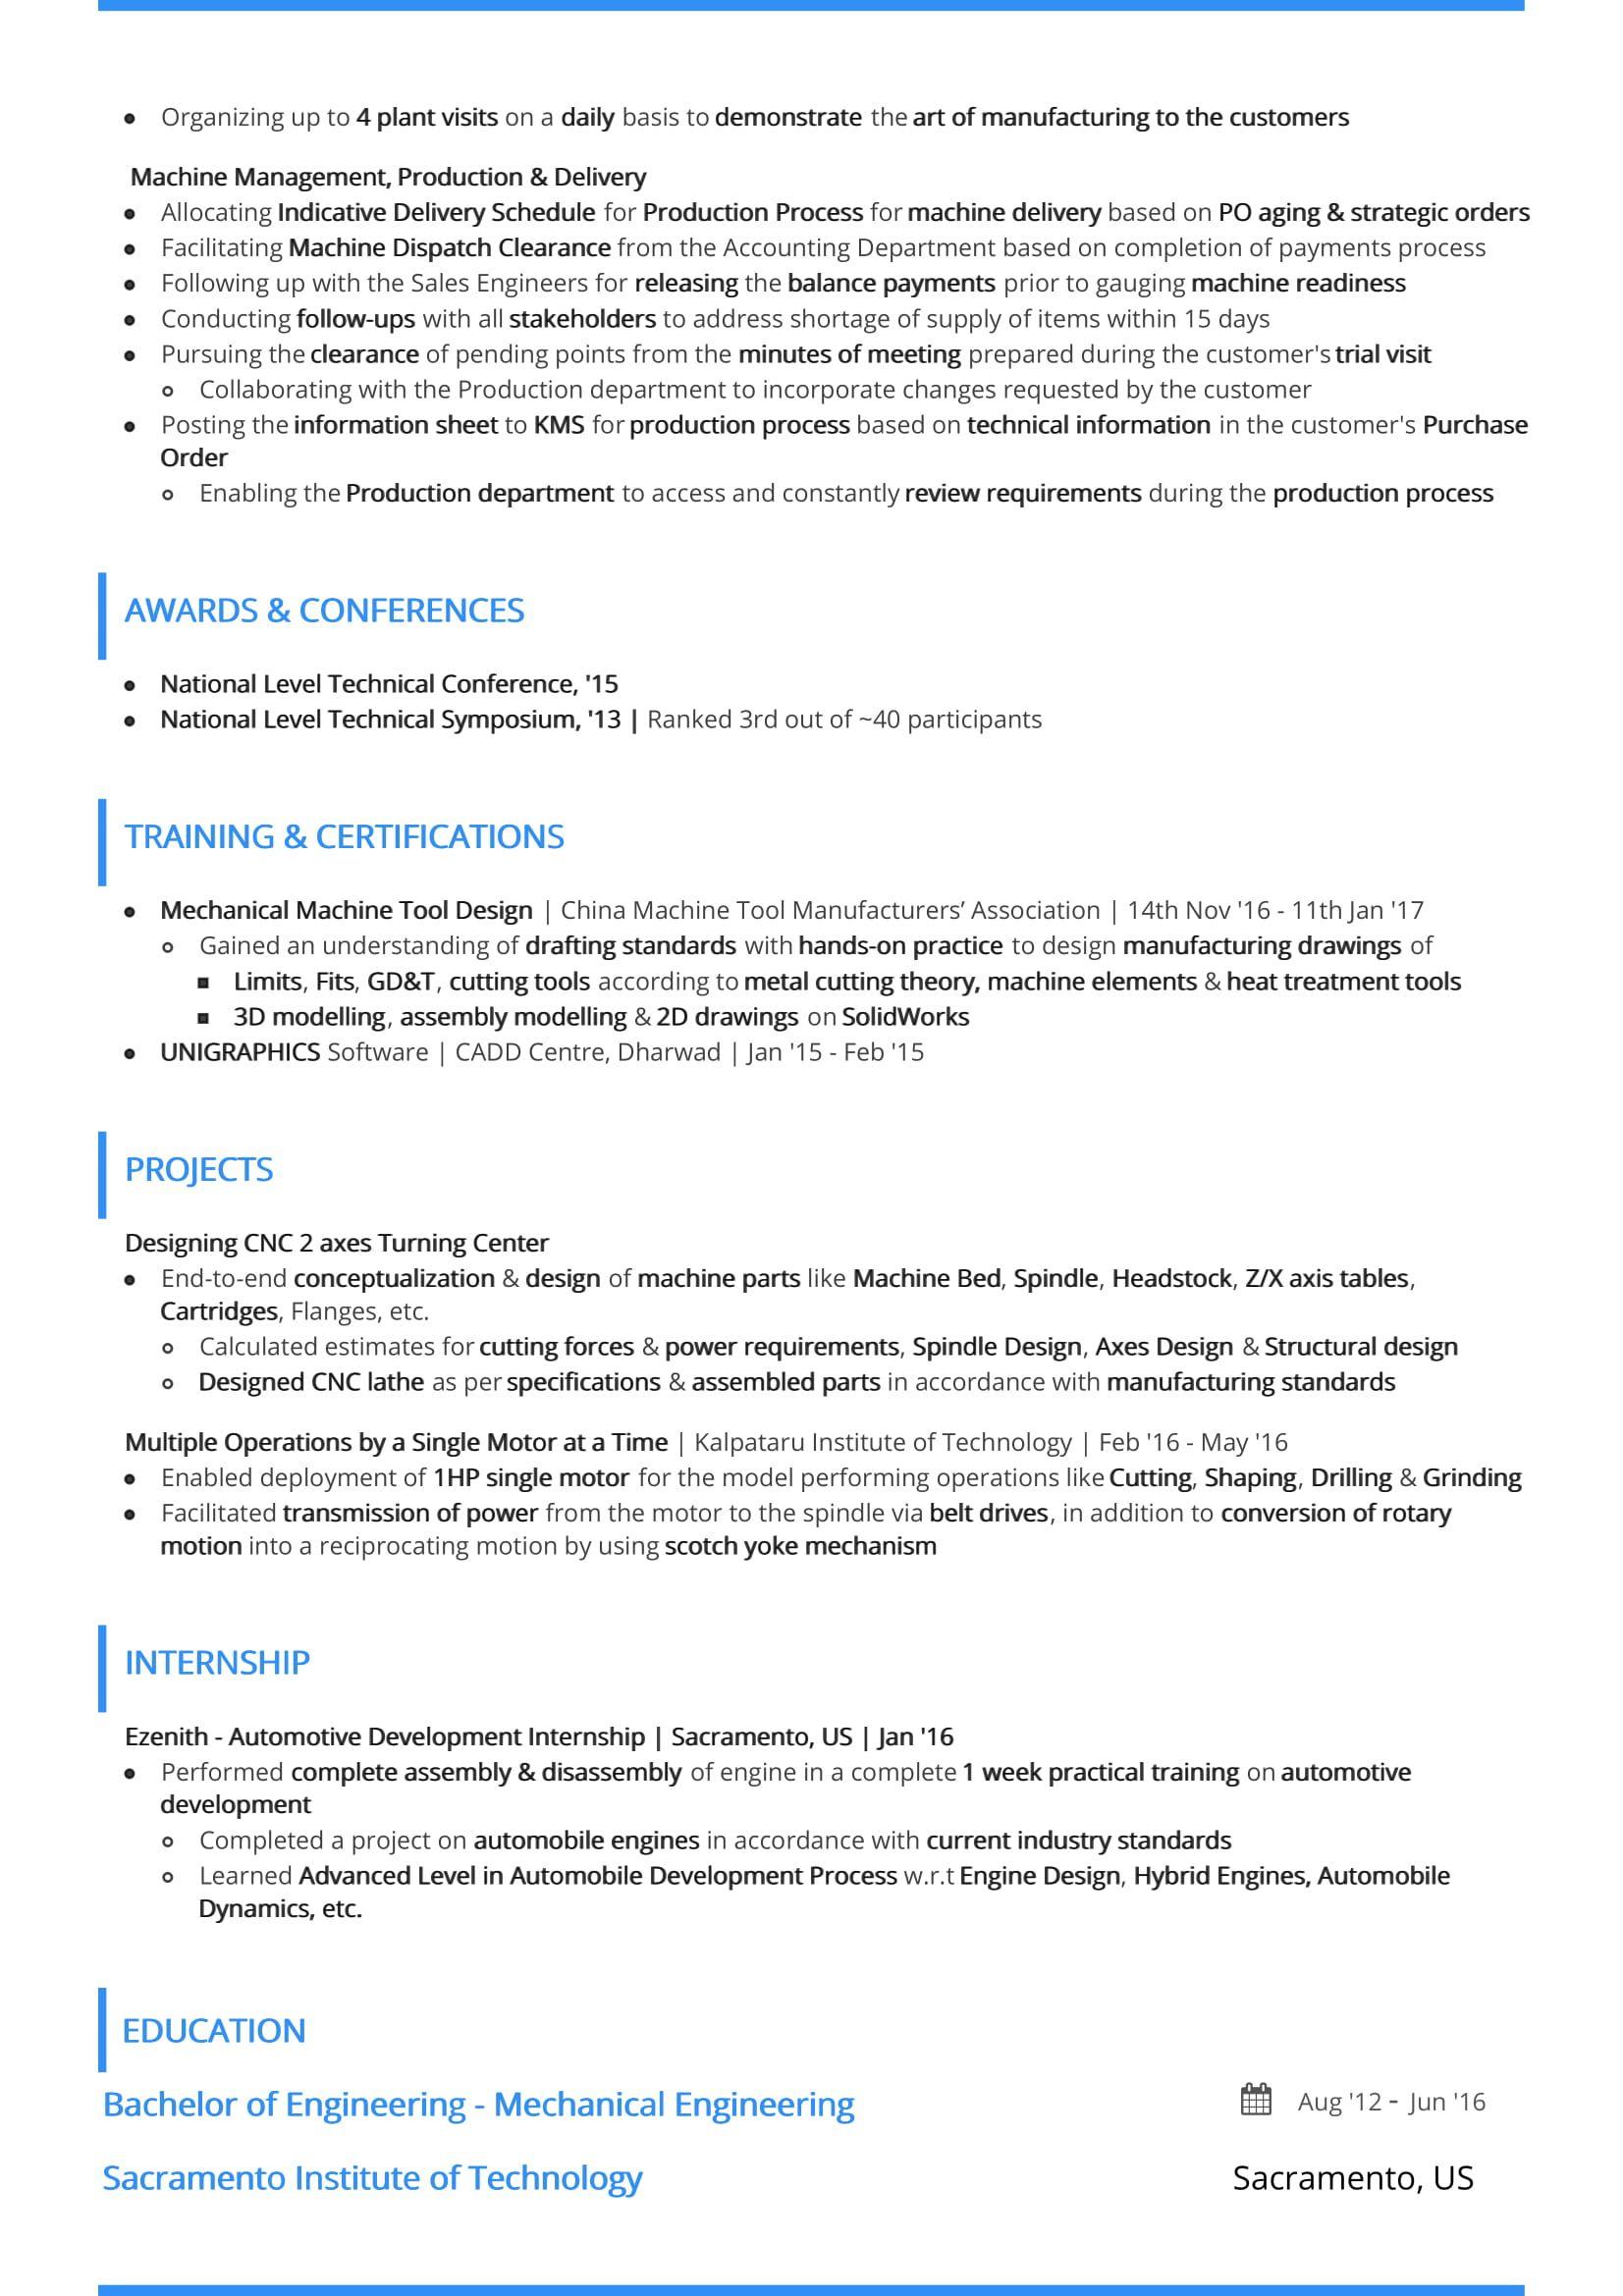 junior professional resume examples